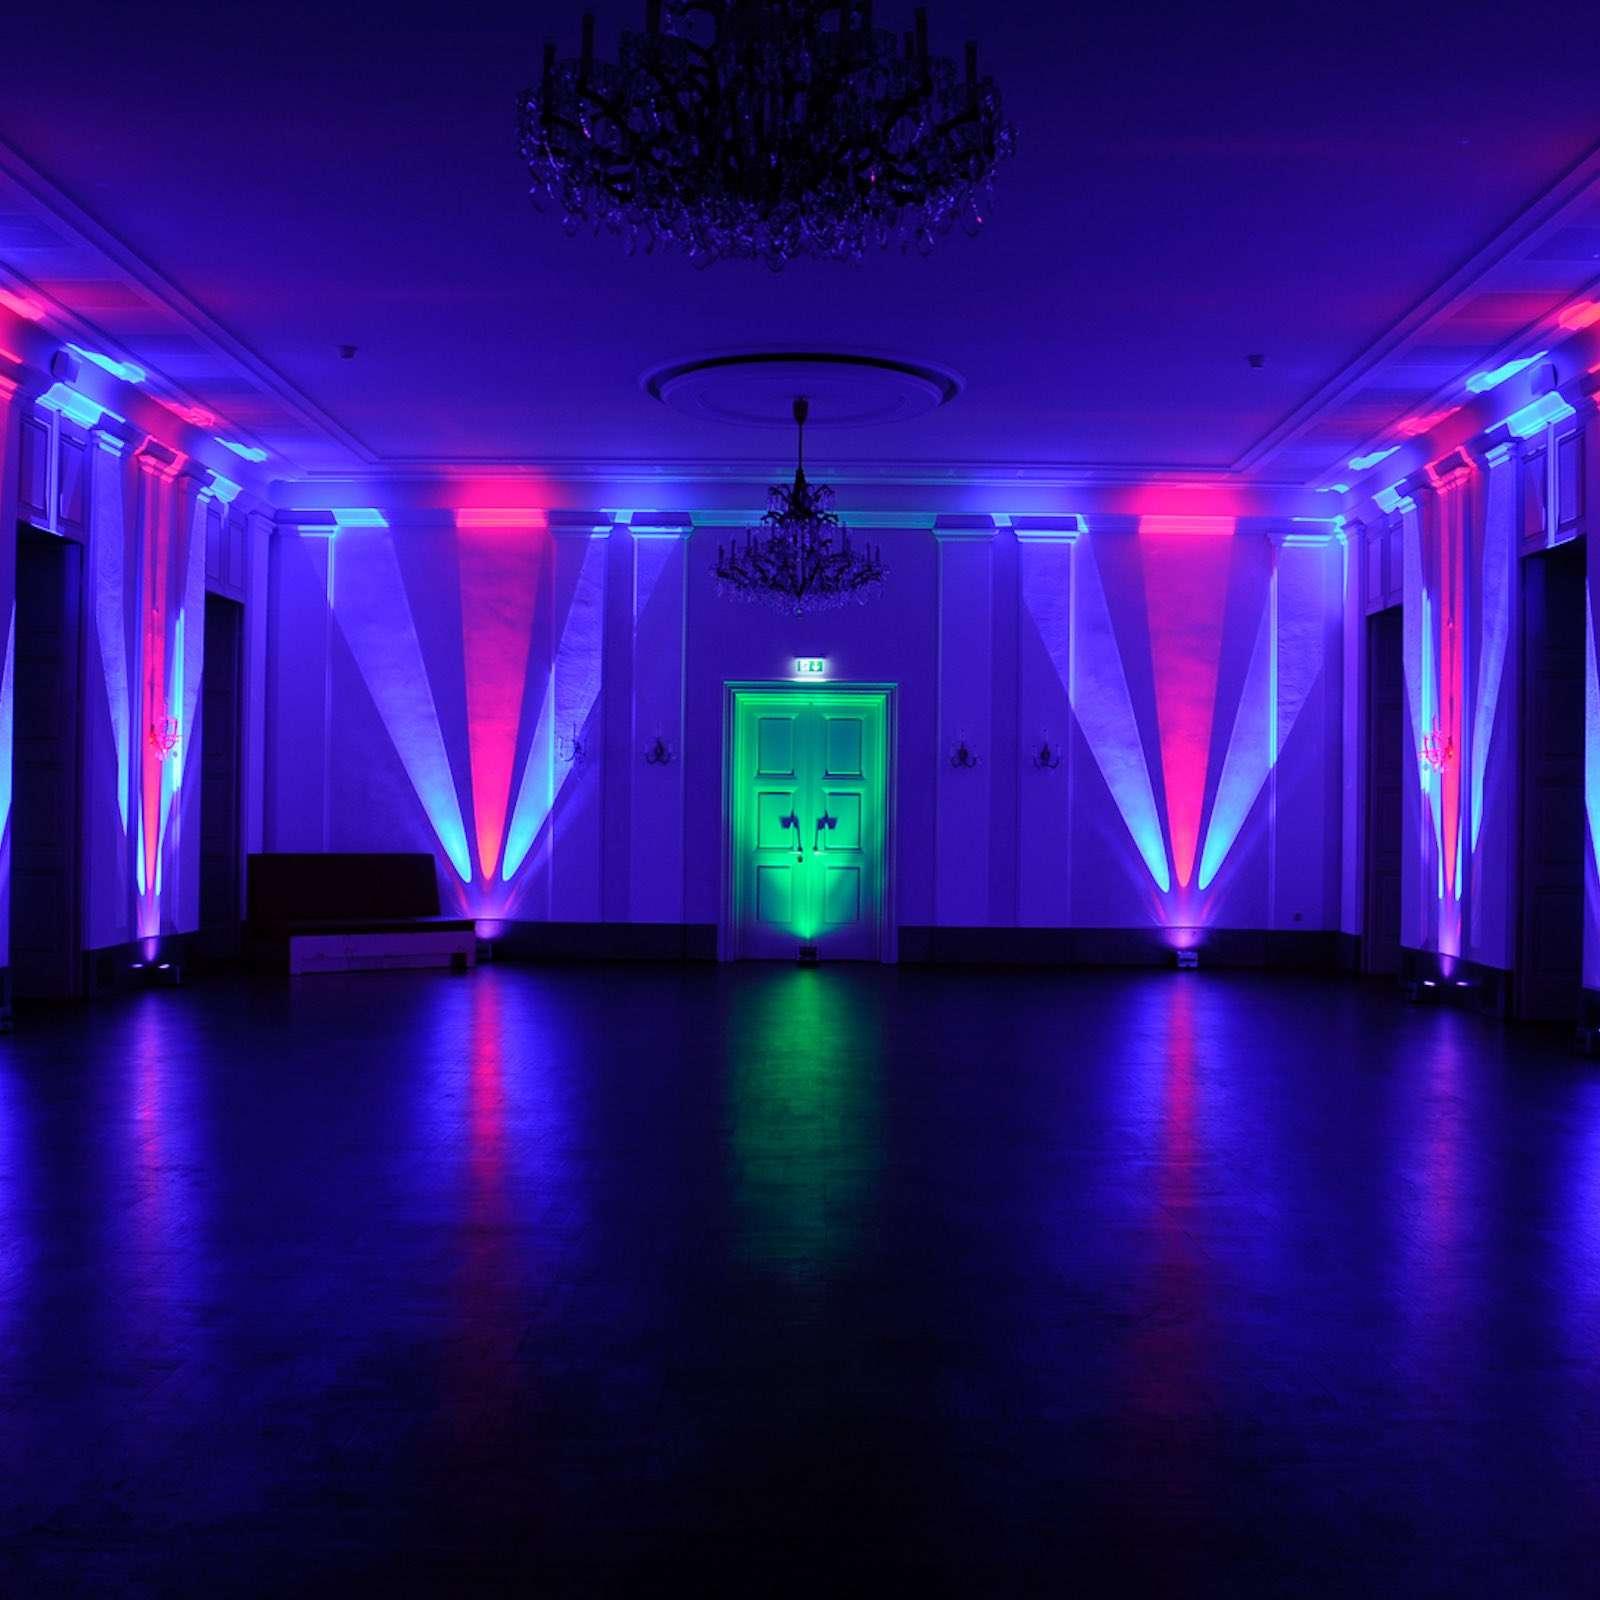 Beleuchtung | Akku | LED | Floorspots | Messe | Firmenveranstaltung | Indoor | Outdoor | Spots | Lichttechnik | Ambientebeleuchtung | Uplight | Buchen | Mieten | Anfragen | Lehmann | Eventservice